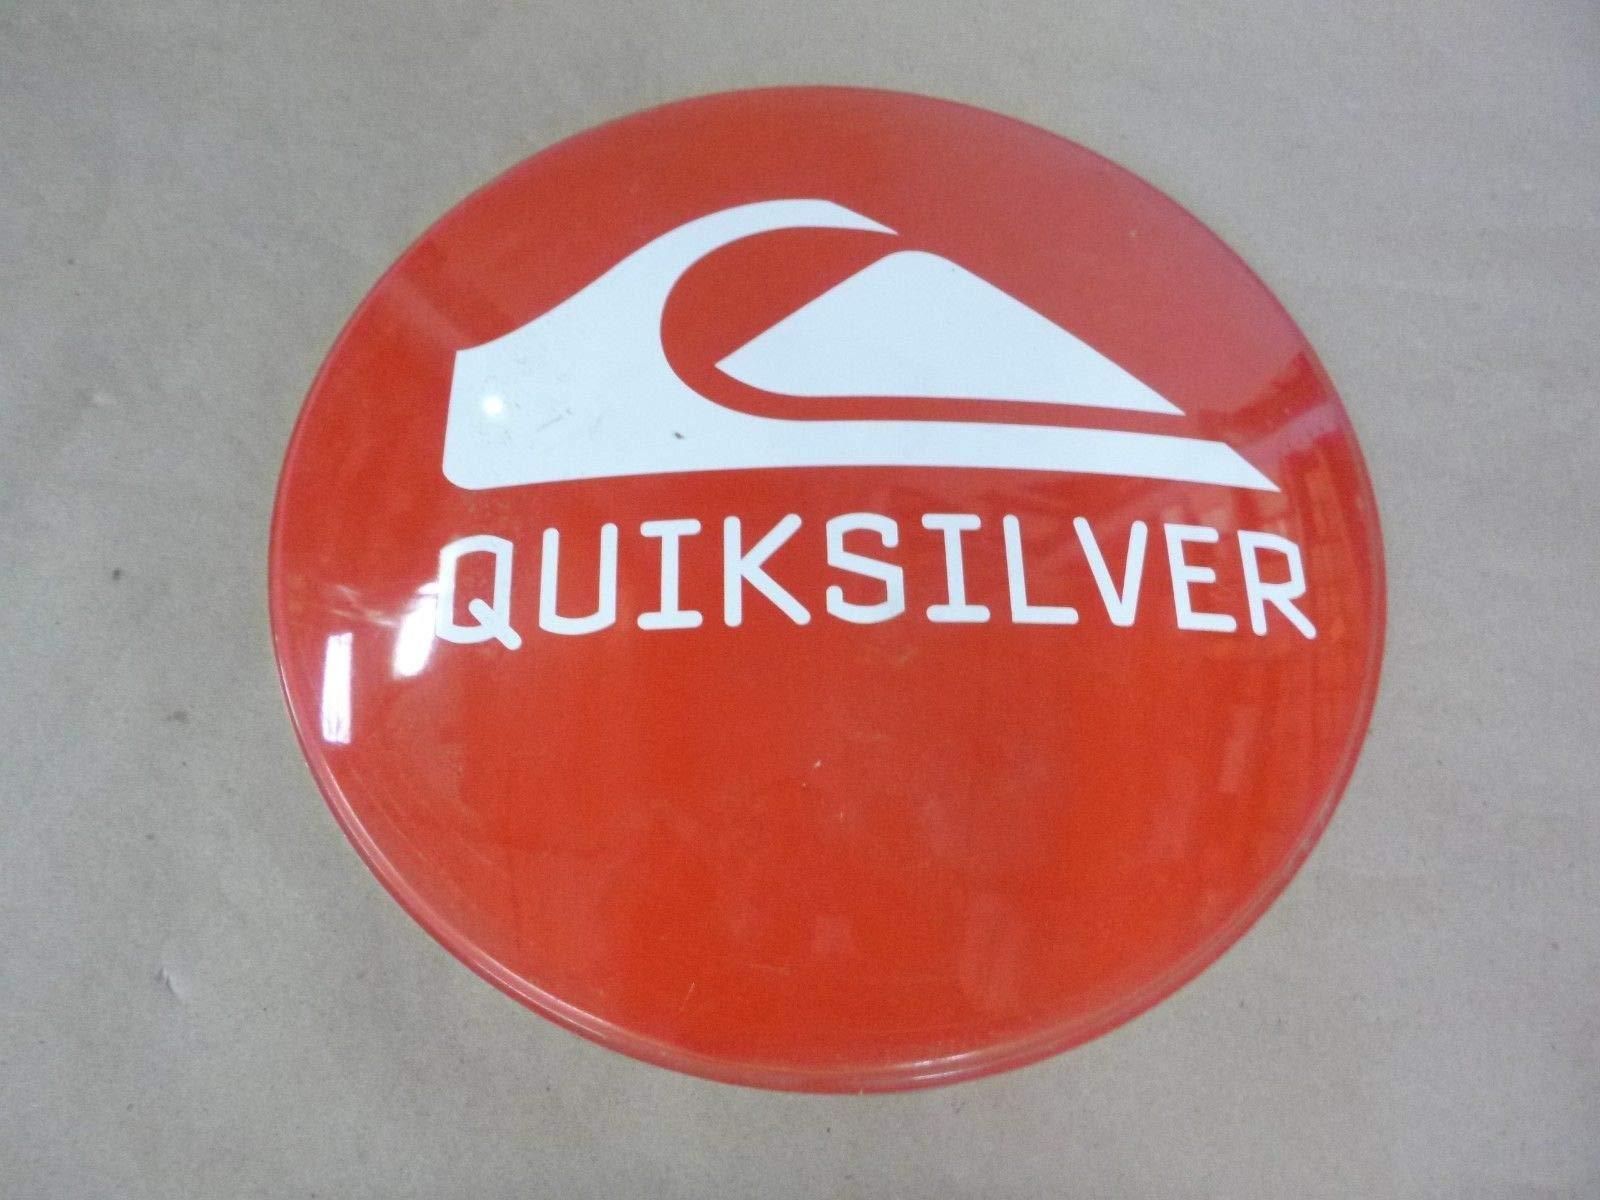 QUICKSILVER RED Bubble Advertisement Logo Aluminum Cap Sign- 12'' Diameter